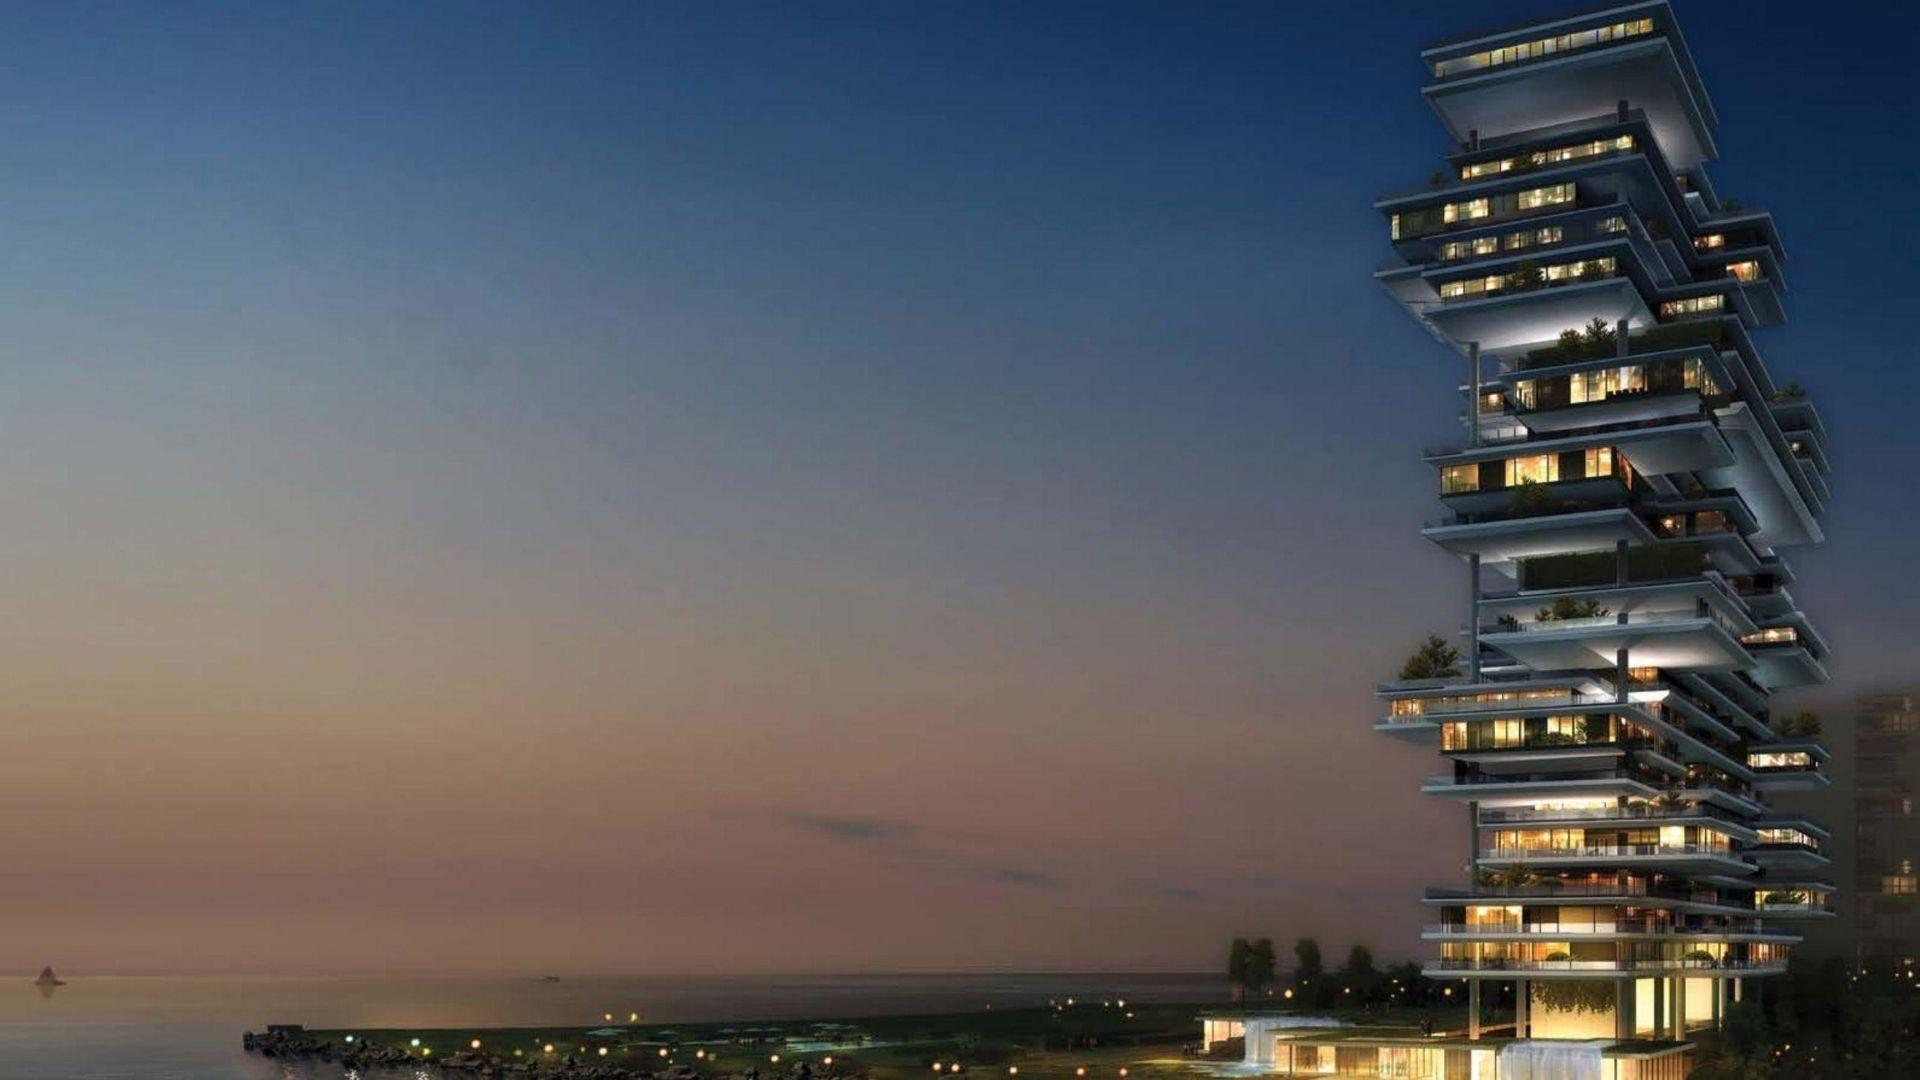 7 - Живите как члены королевской семьи в этих удивительных роскошных домах в Дубае